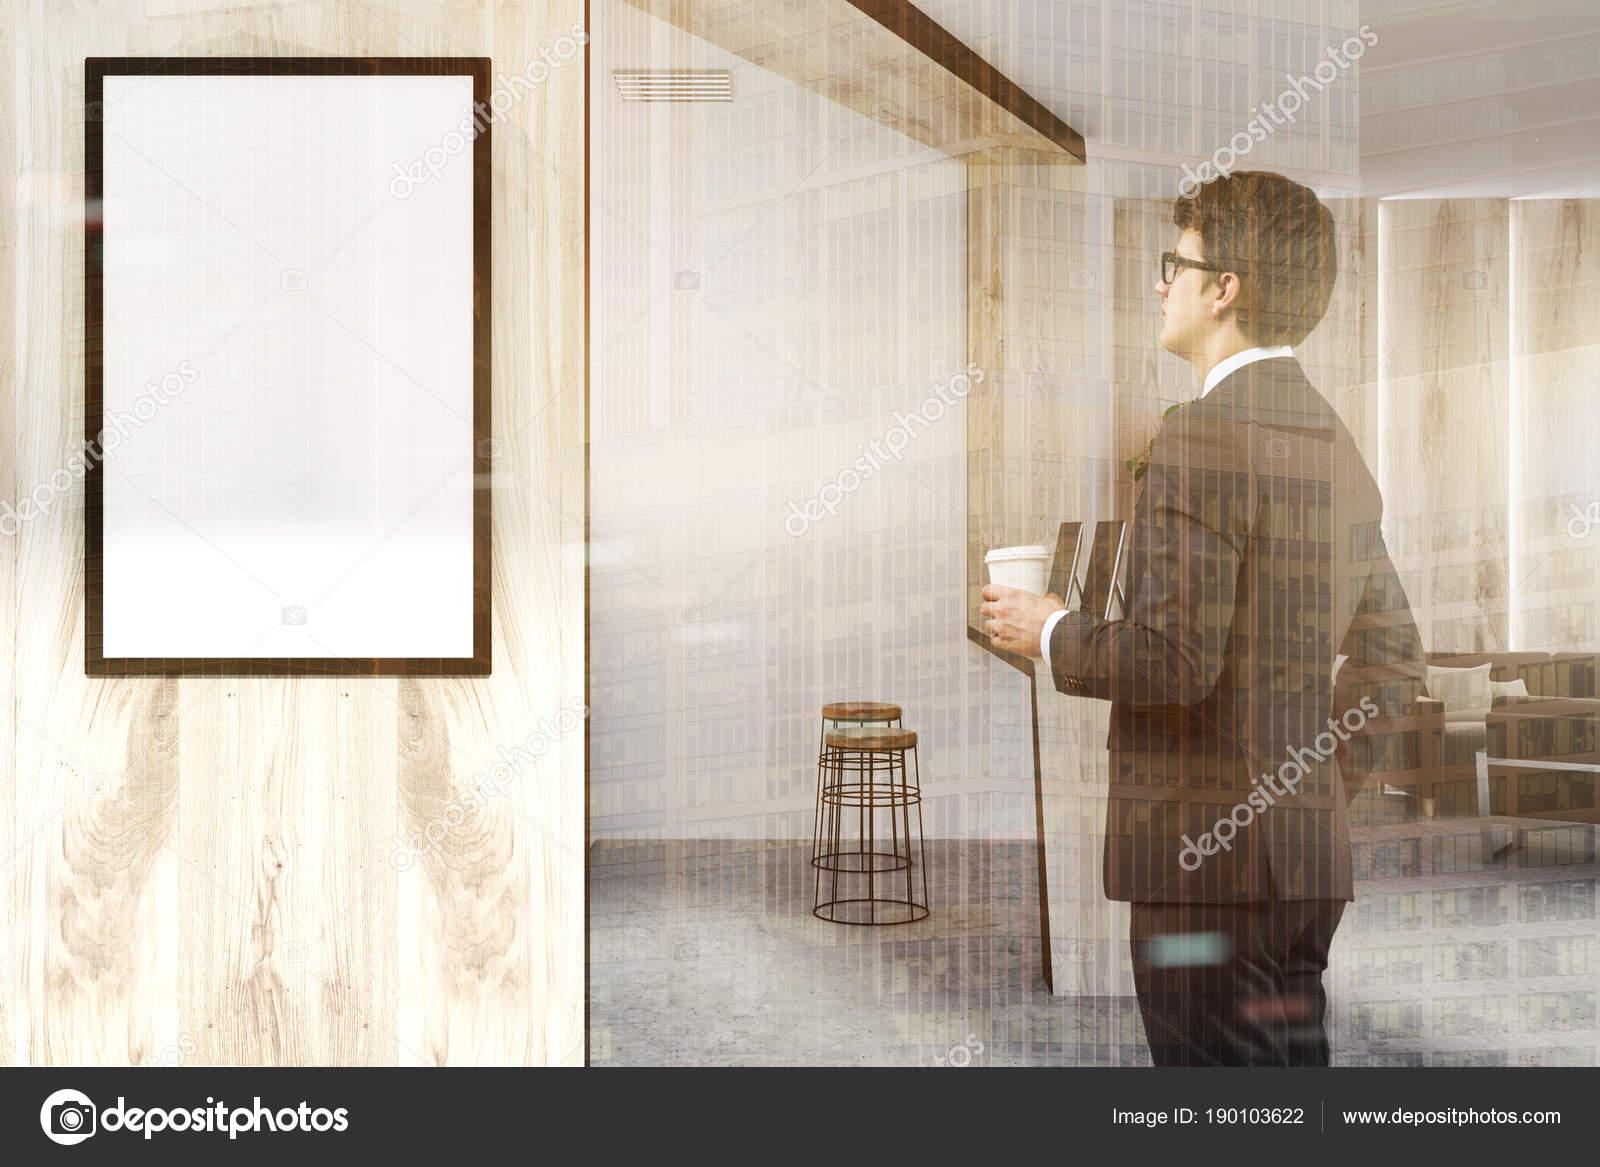 Ufficio Bianco E Legno : Uomo bianco e legno dell ufficio ricevimento manifesto lato u foto